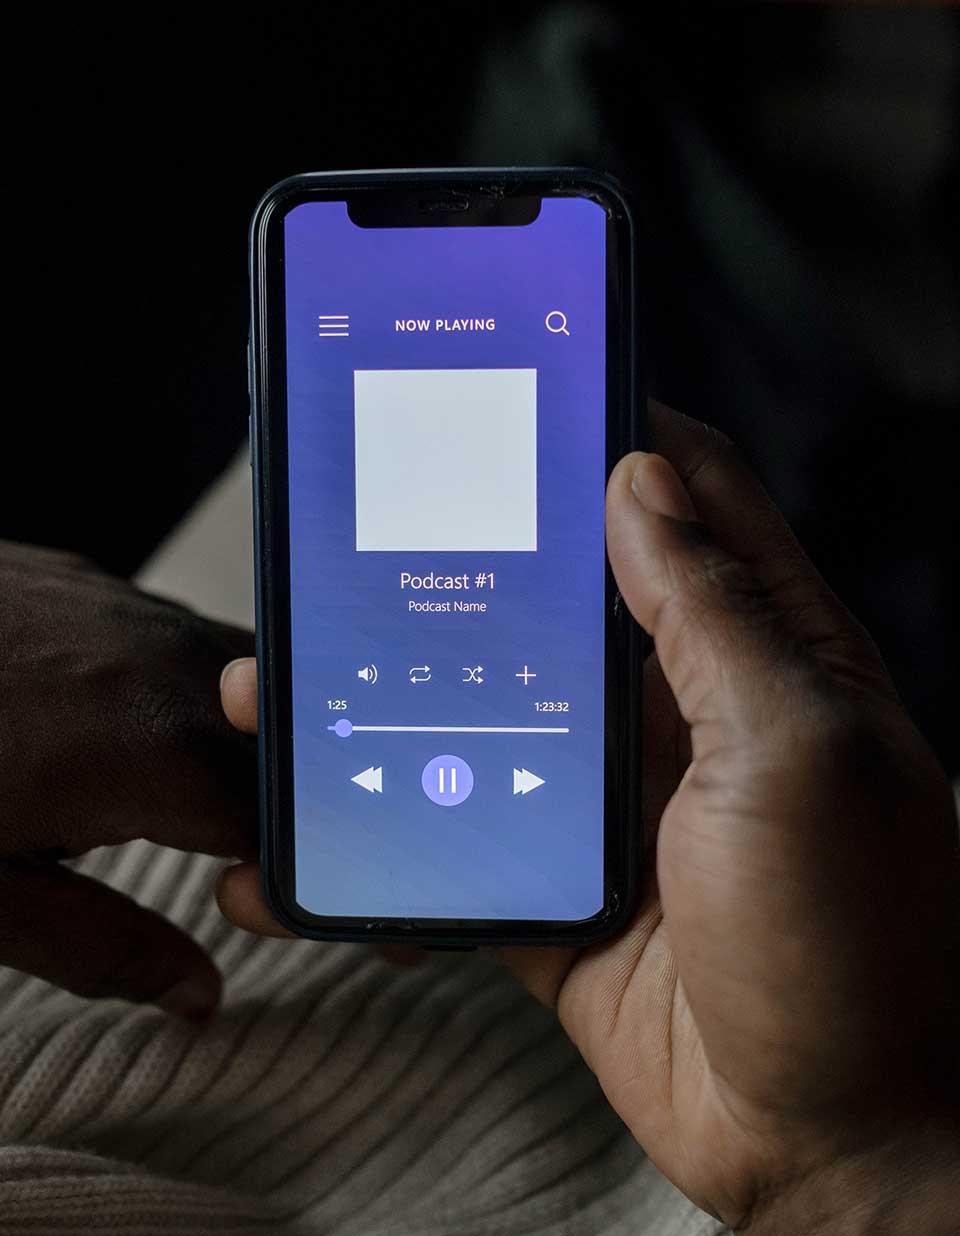 Slušanje podkasta na mobilnom uredjaju